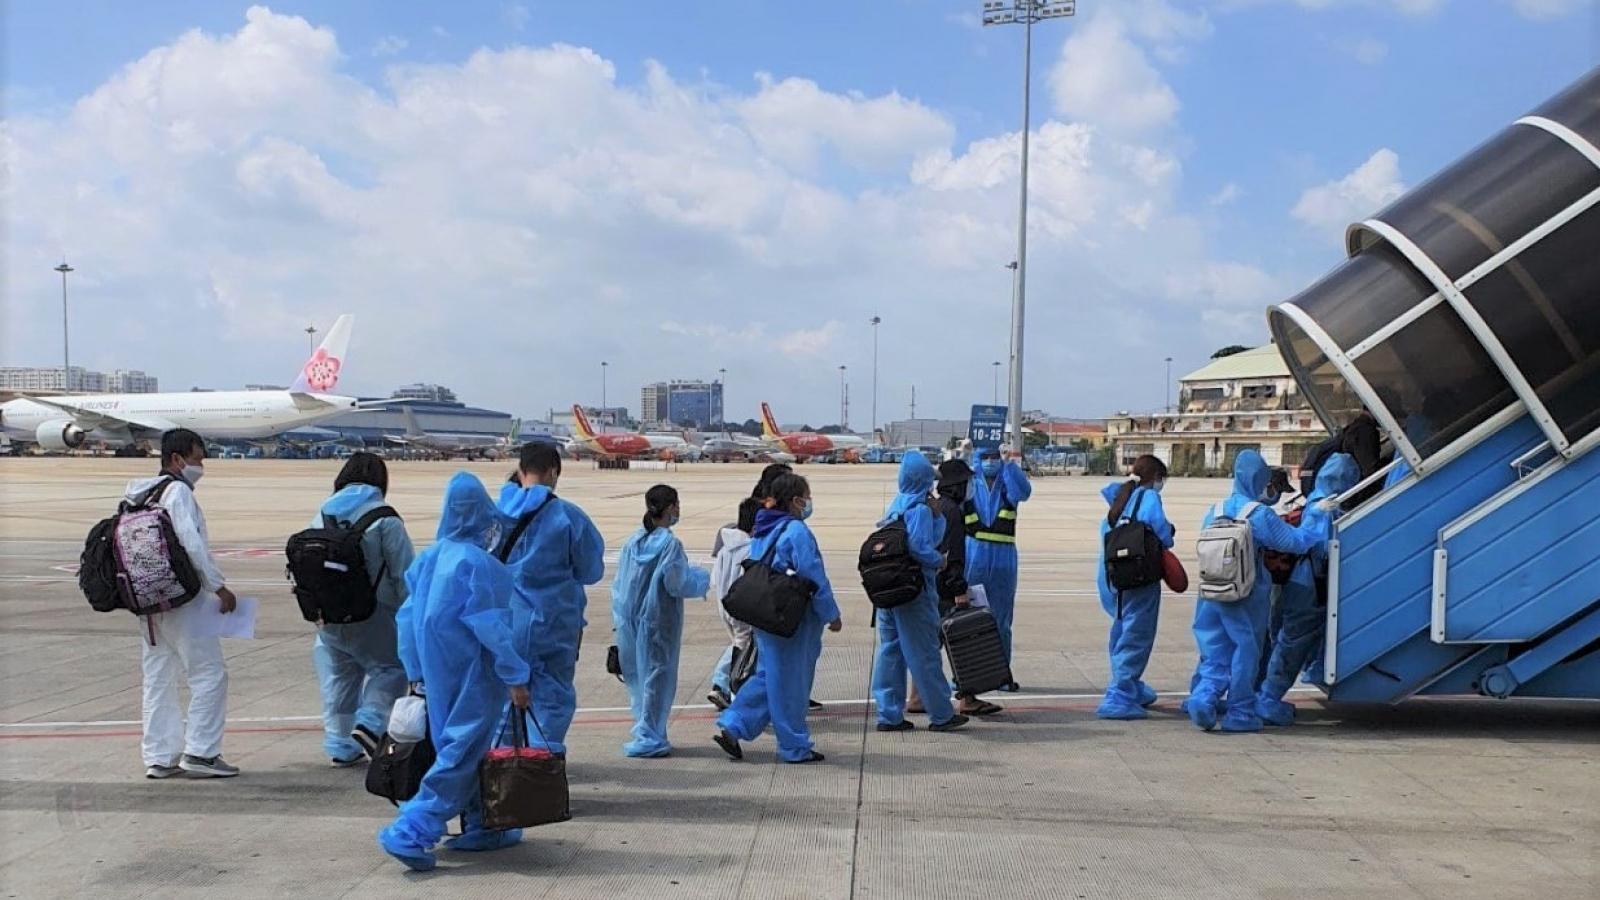 Từ ngày 22/7, đường bay TP.Hồ Chí Minh-Hà Nội chỉ khai thác 2 chuyến/ngày